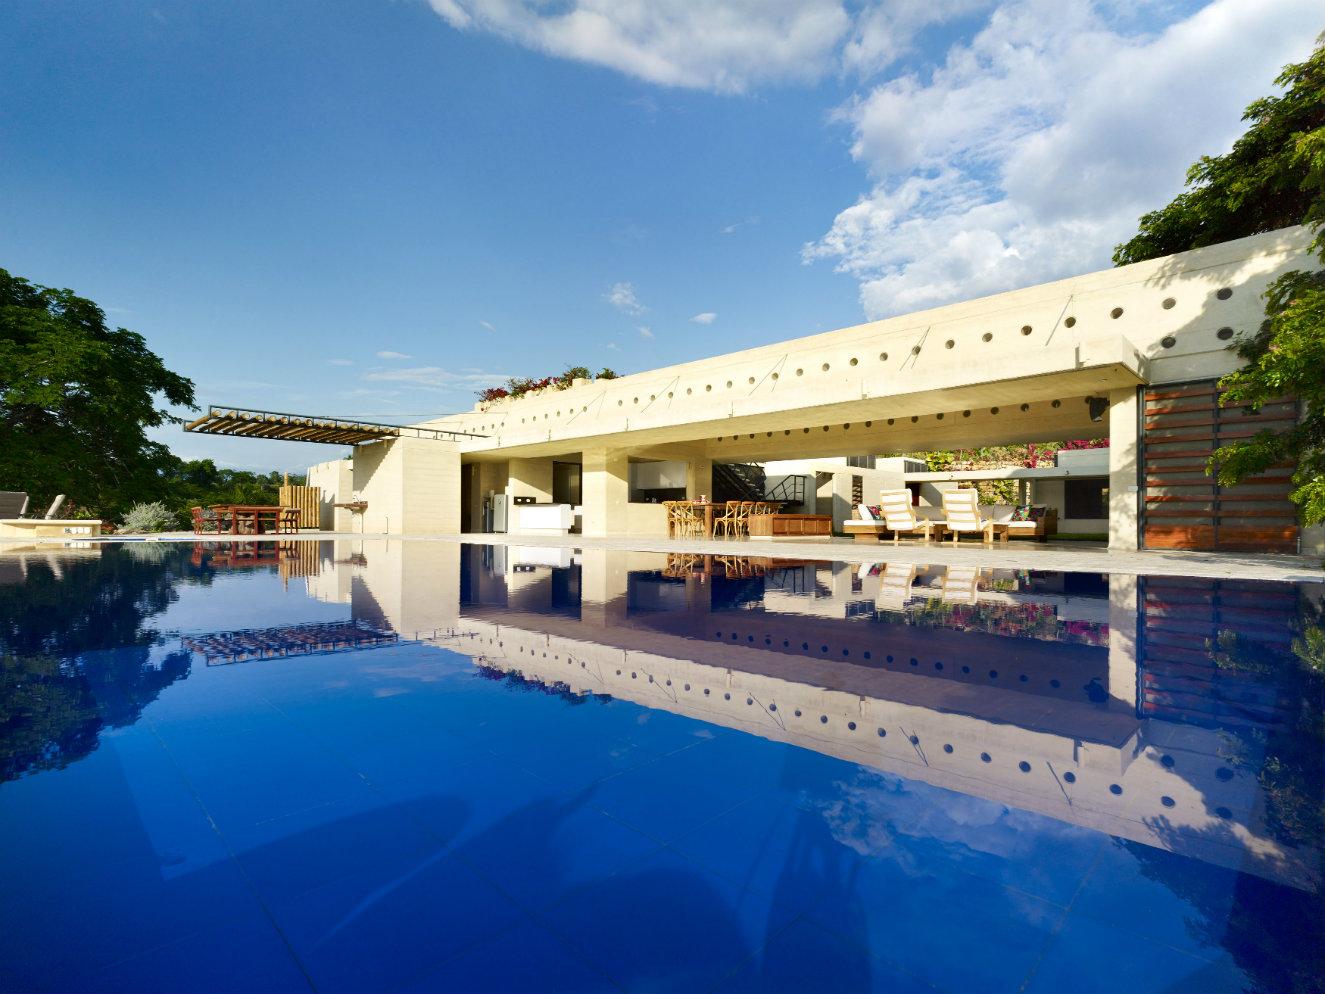 La piscina se encuentra en el borde occidental de la zona social y el agua se mantiene a una temperatura que oscila entre los 27 y los 30 grados durante todo el año, pues recibe sol constantemente y es poco profunda. Fotografía: cortesía, Premios Obras CEMEX Colombia 2016.